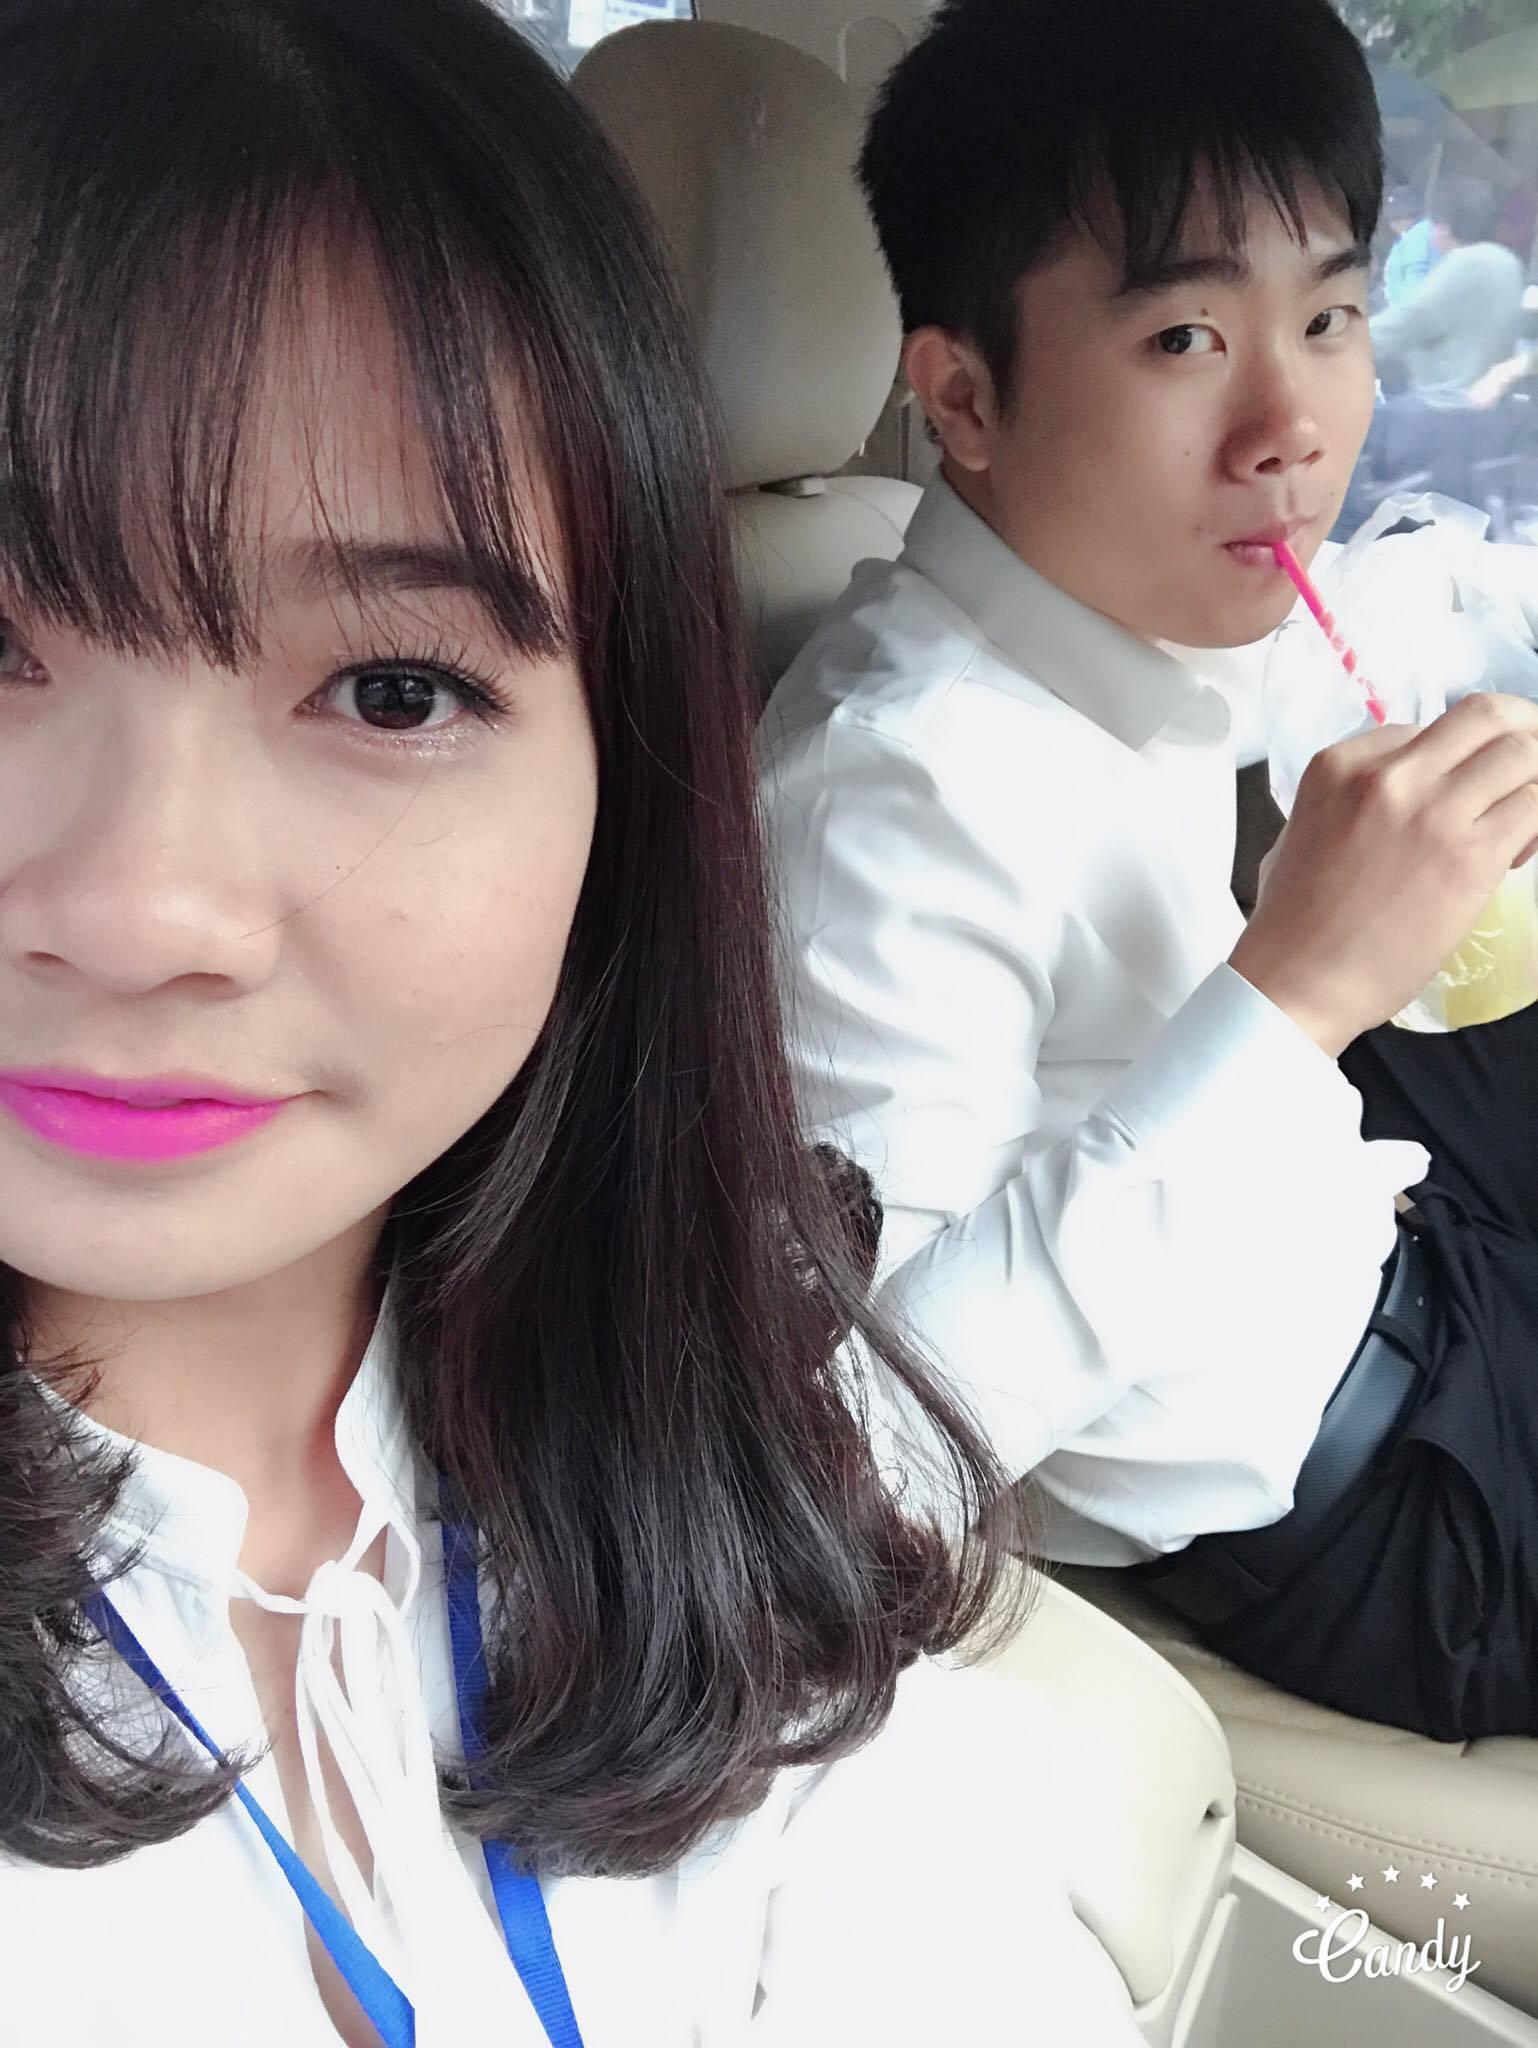 Thót tim cảnh chàng trai Hà Nội bắc thang trèo vào nhà người yêu cầu hôn lúc 1h sáng-3